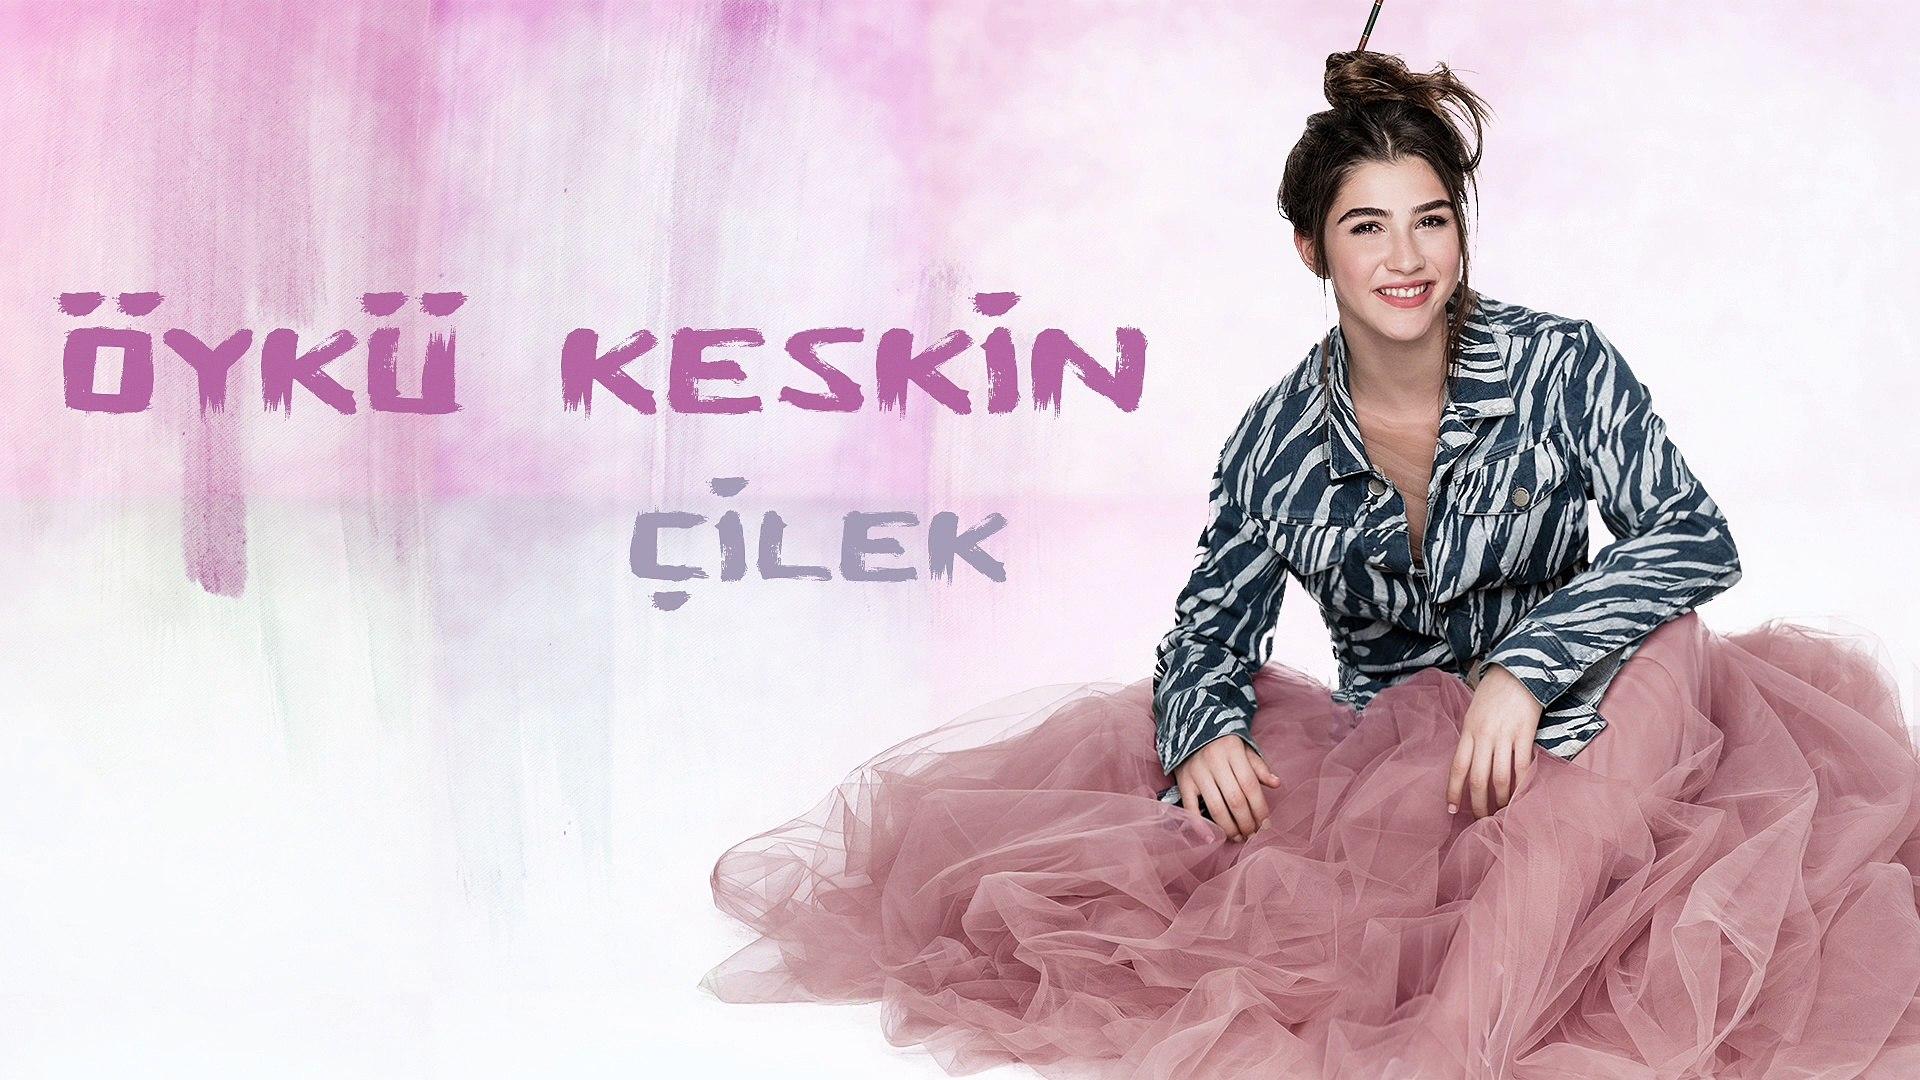 Öykü Keskin - Çilek (Official Audio)